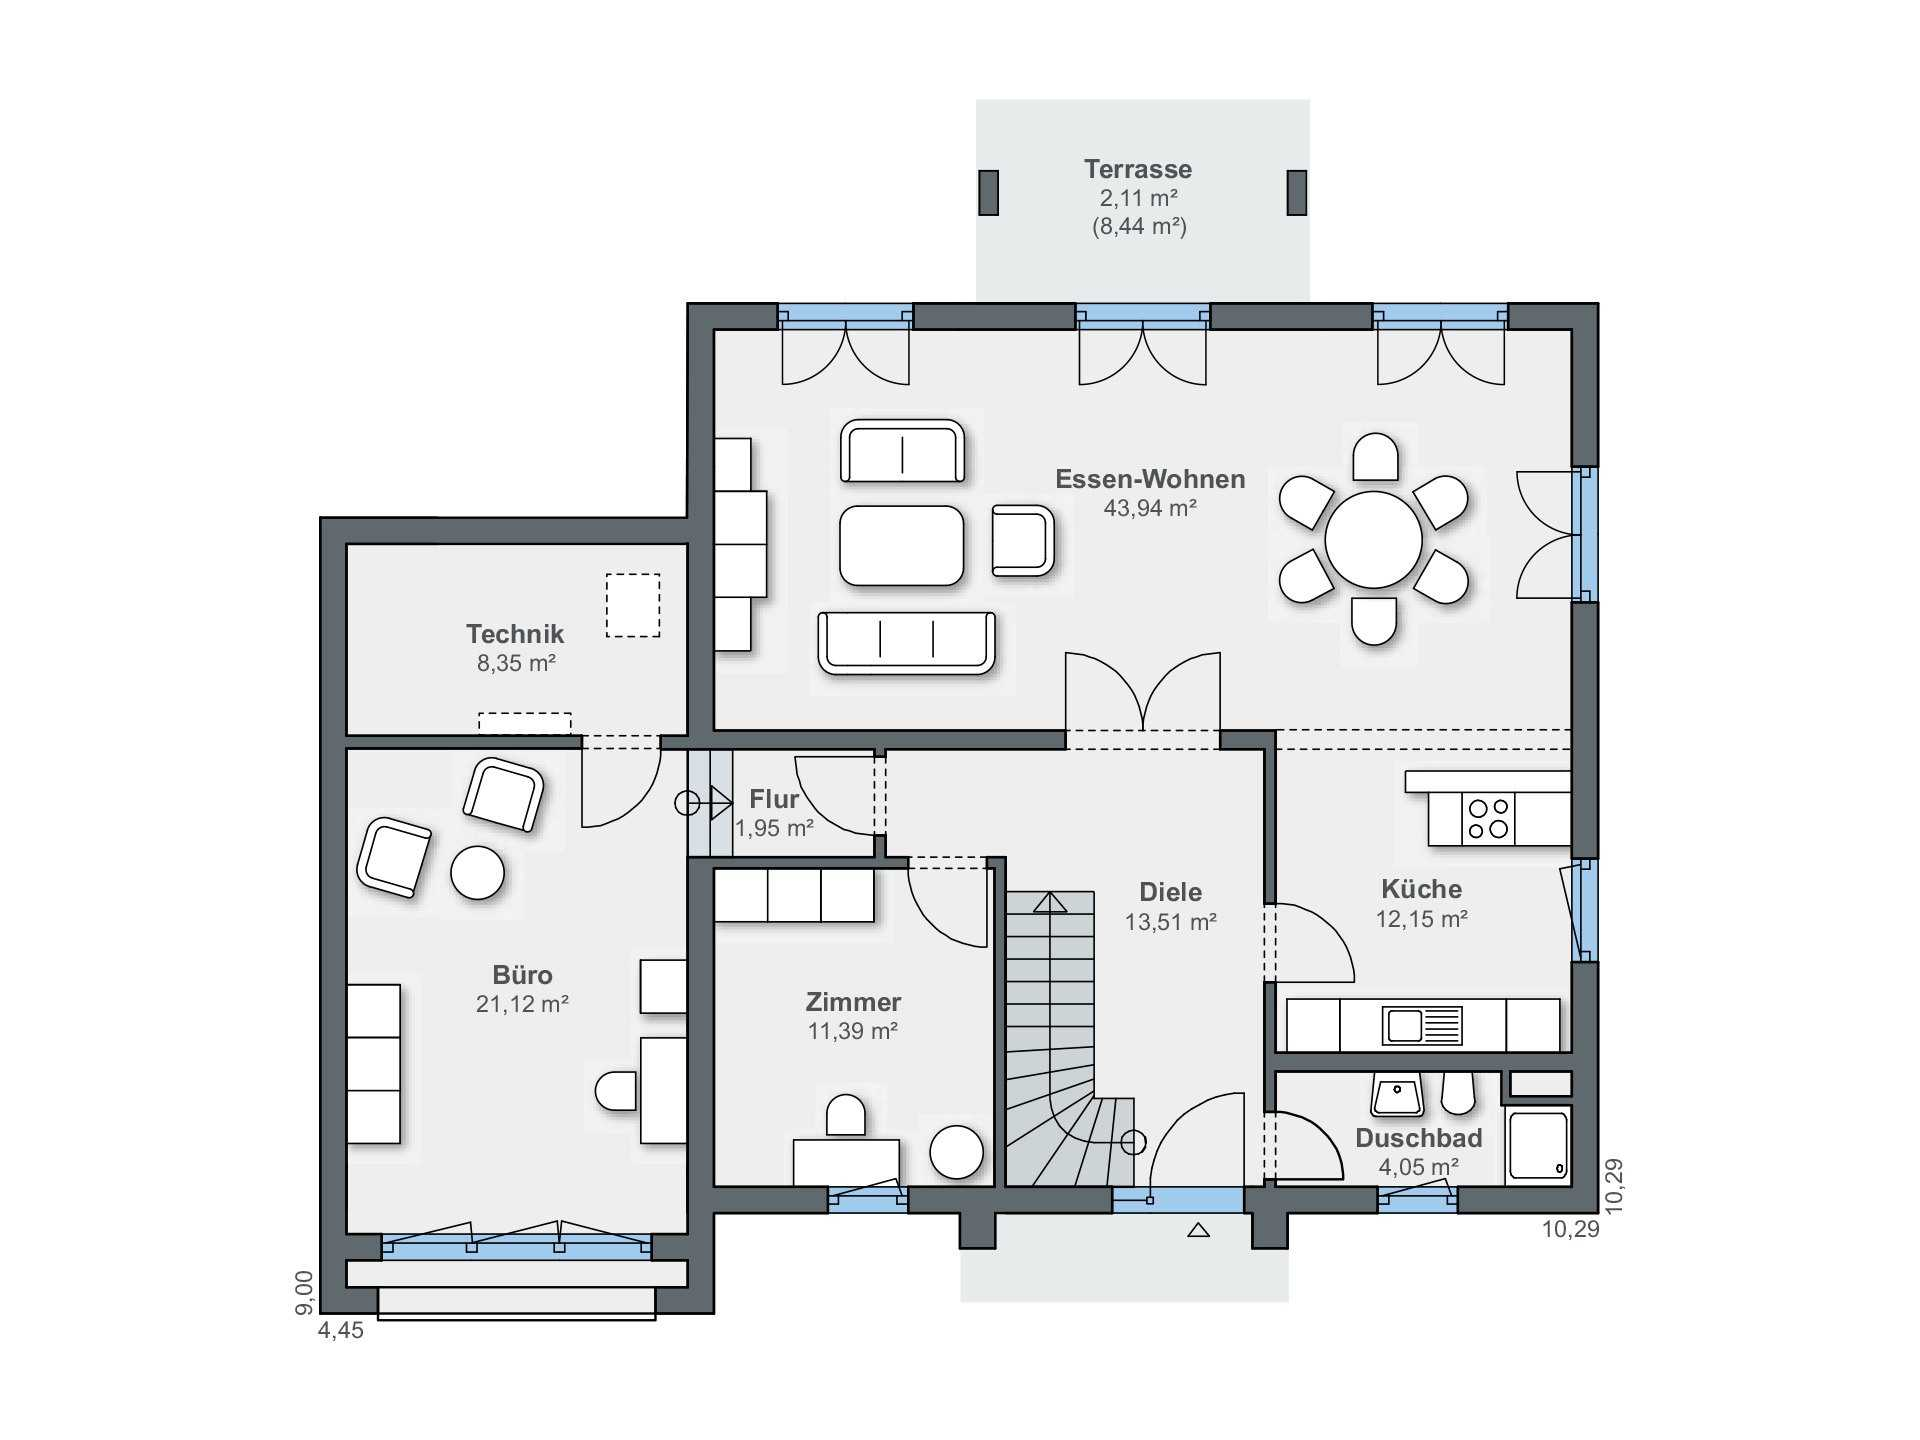 passivhaus planen und bauen informationen und tipps. Black Bedroom Furniture Sets. Home Design Ideas